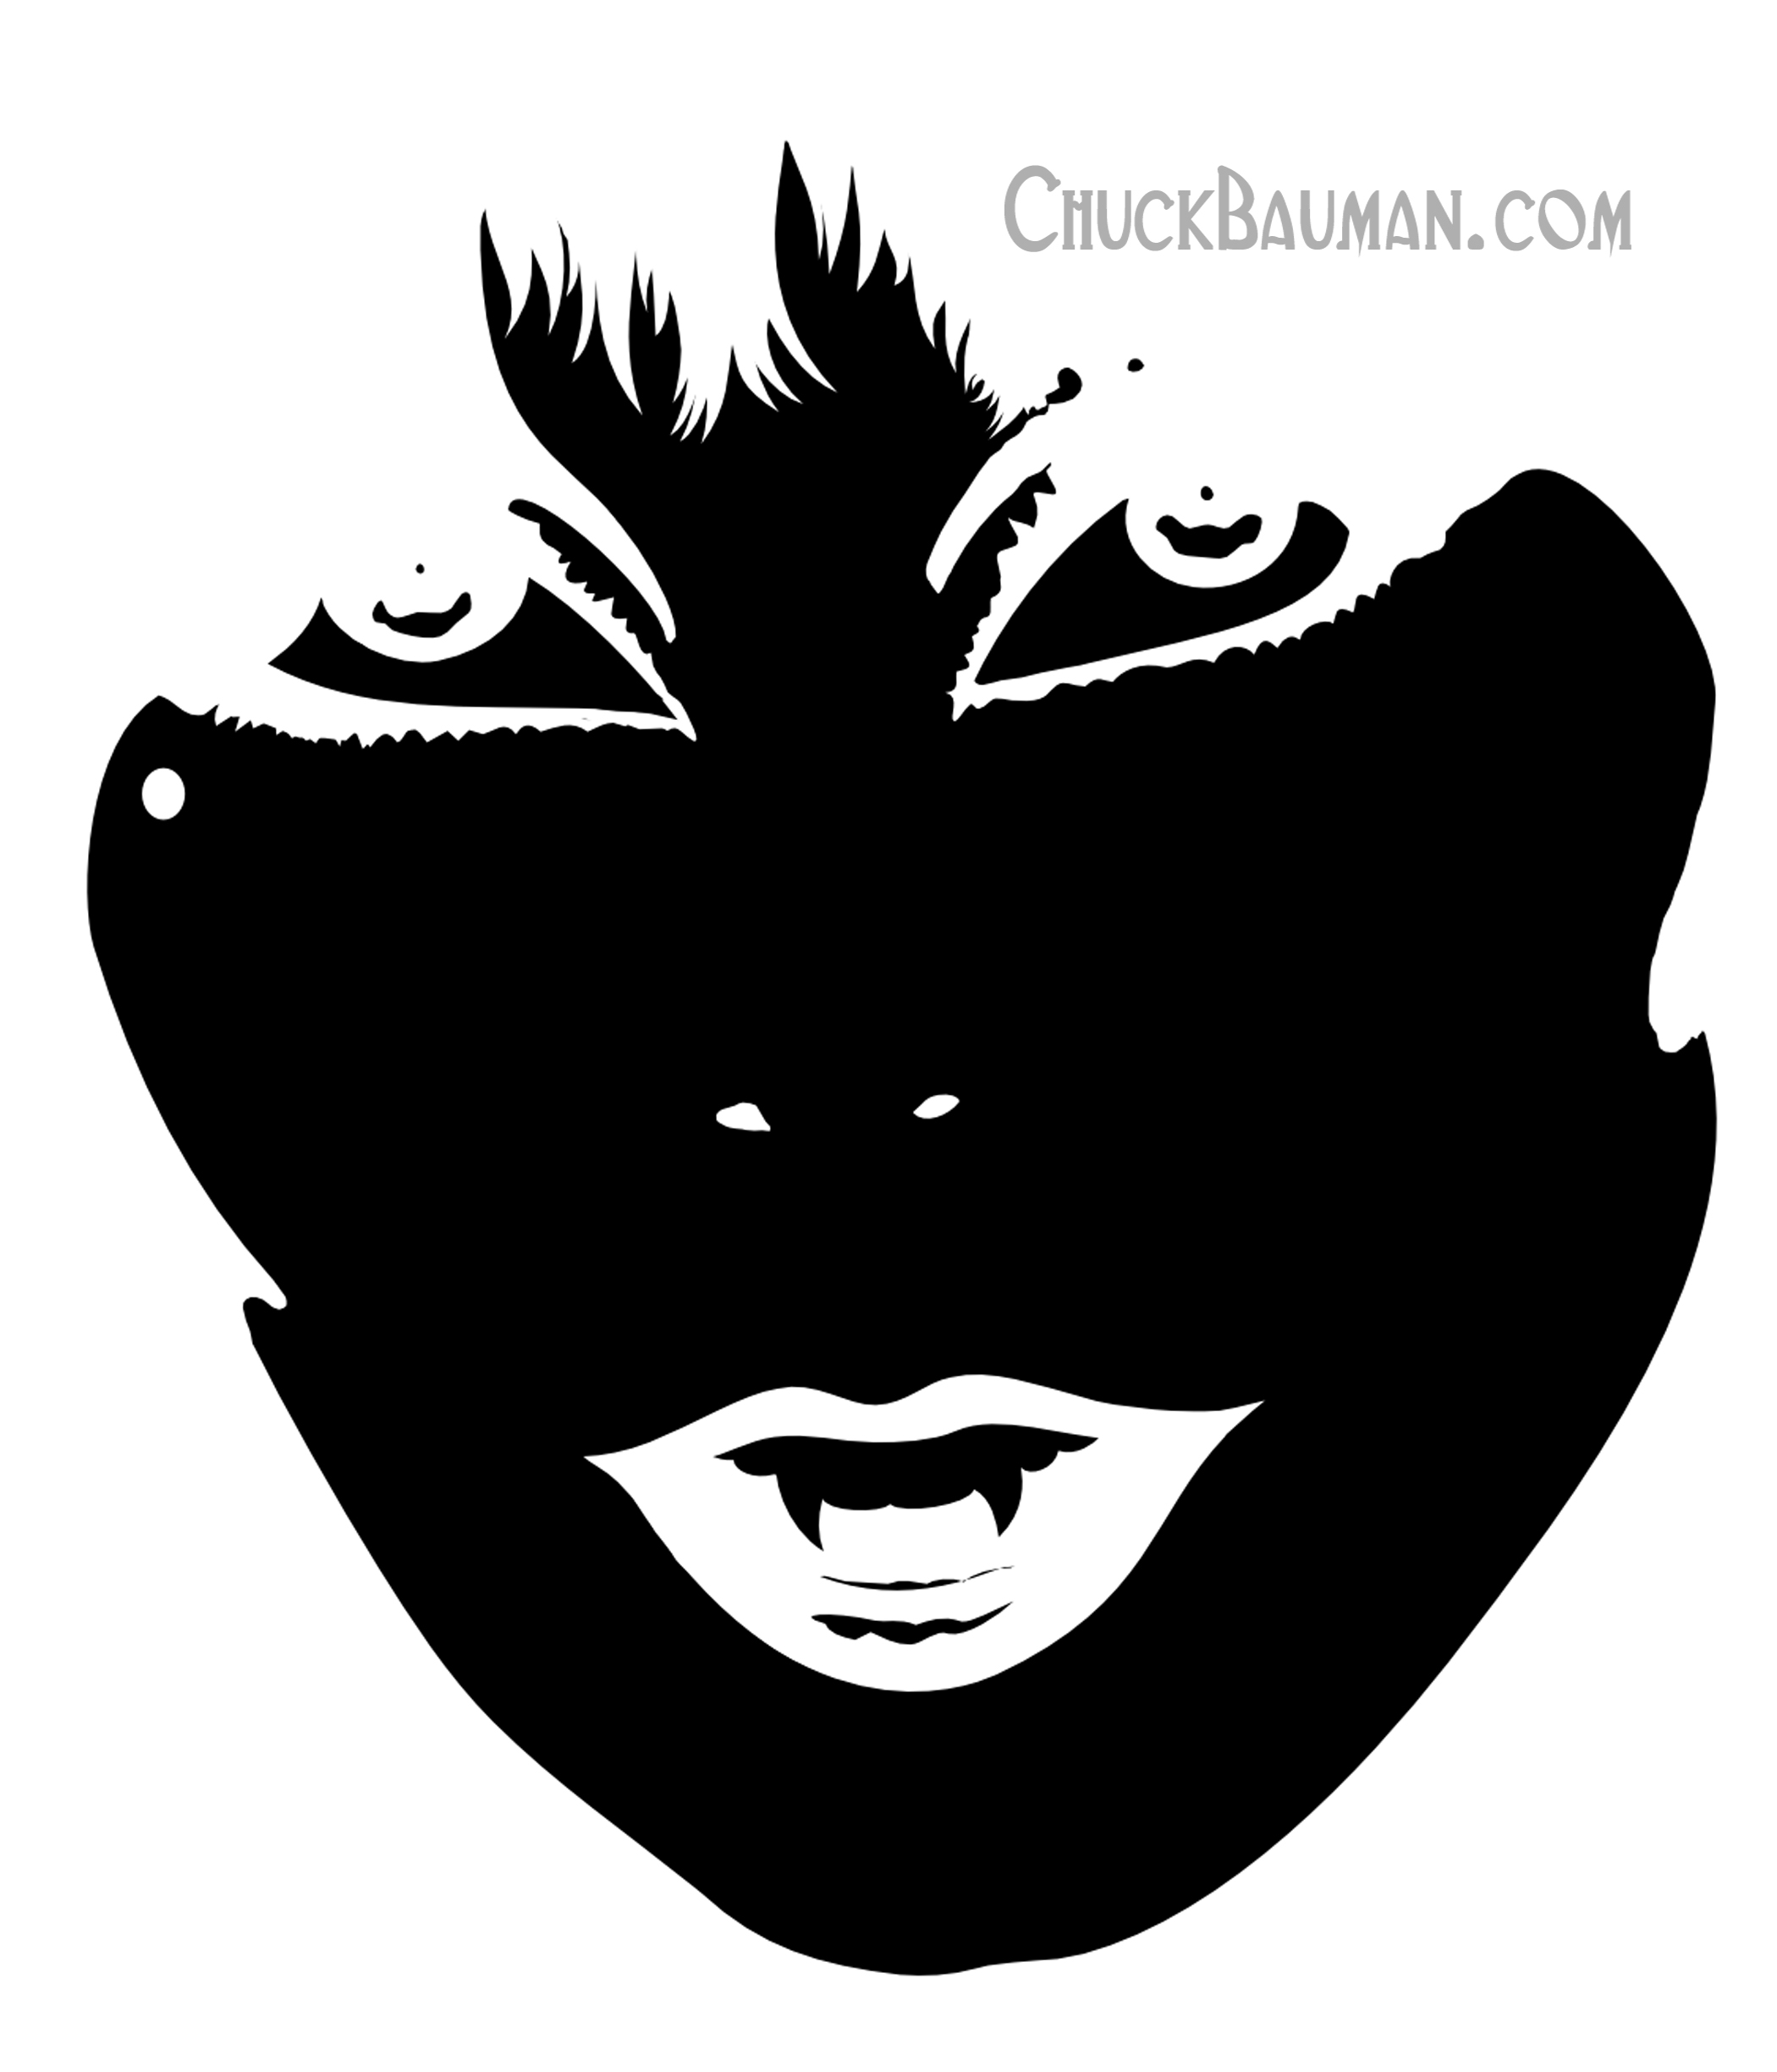 chuck bauman elvira - photo #23